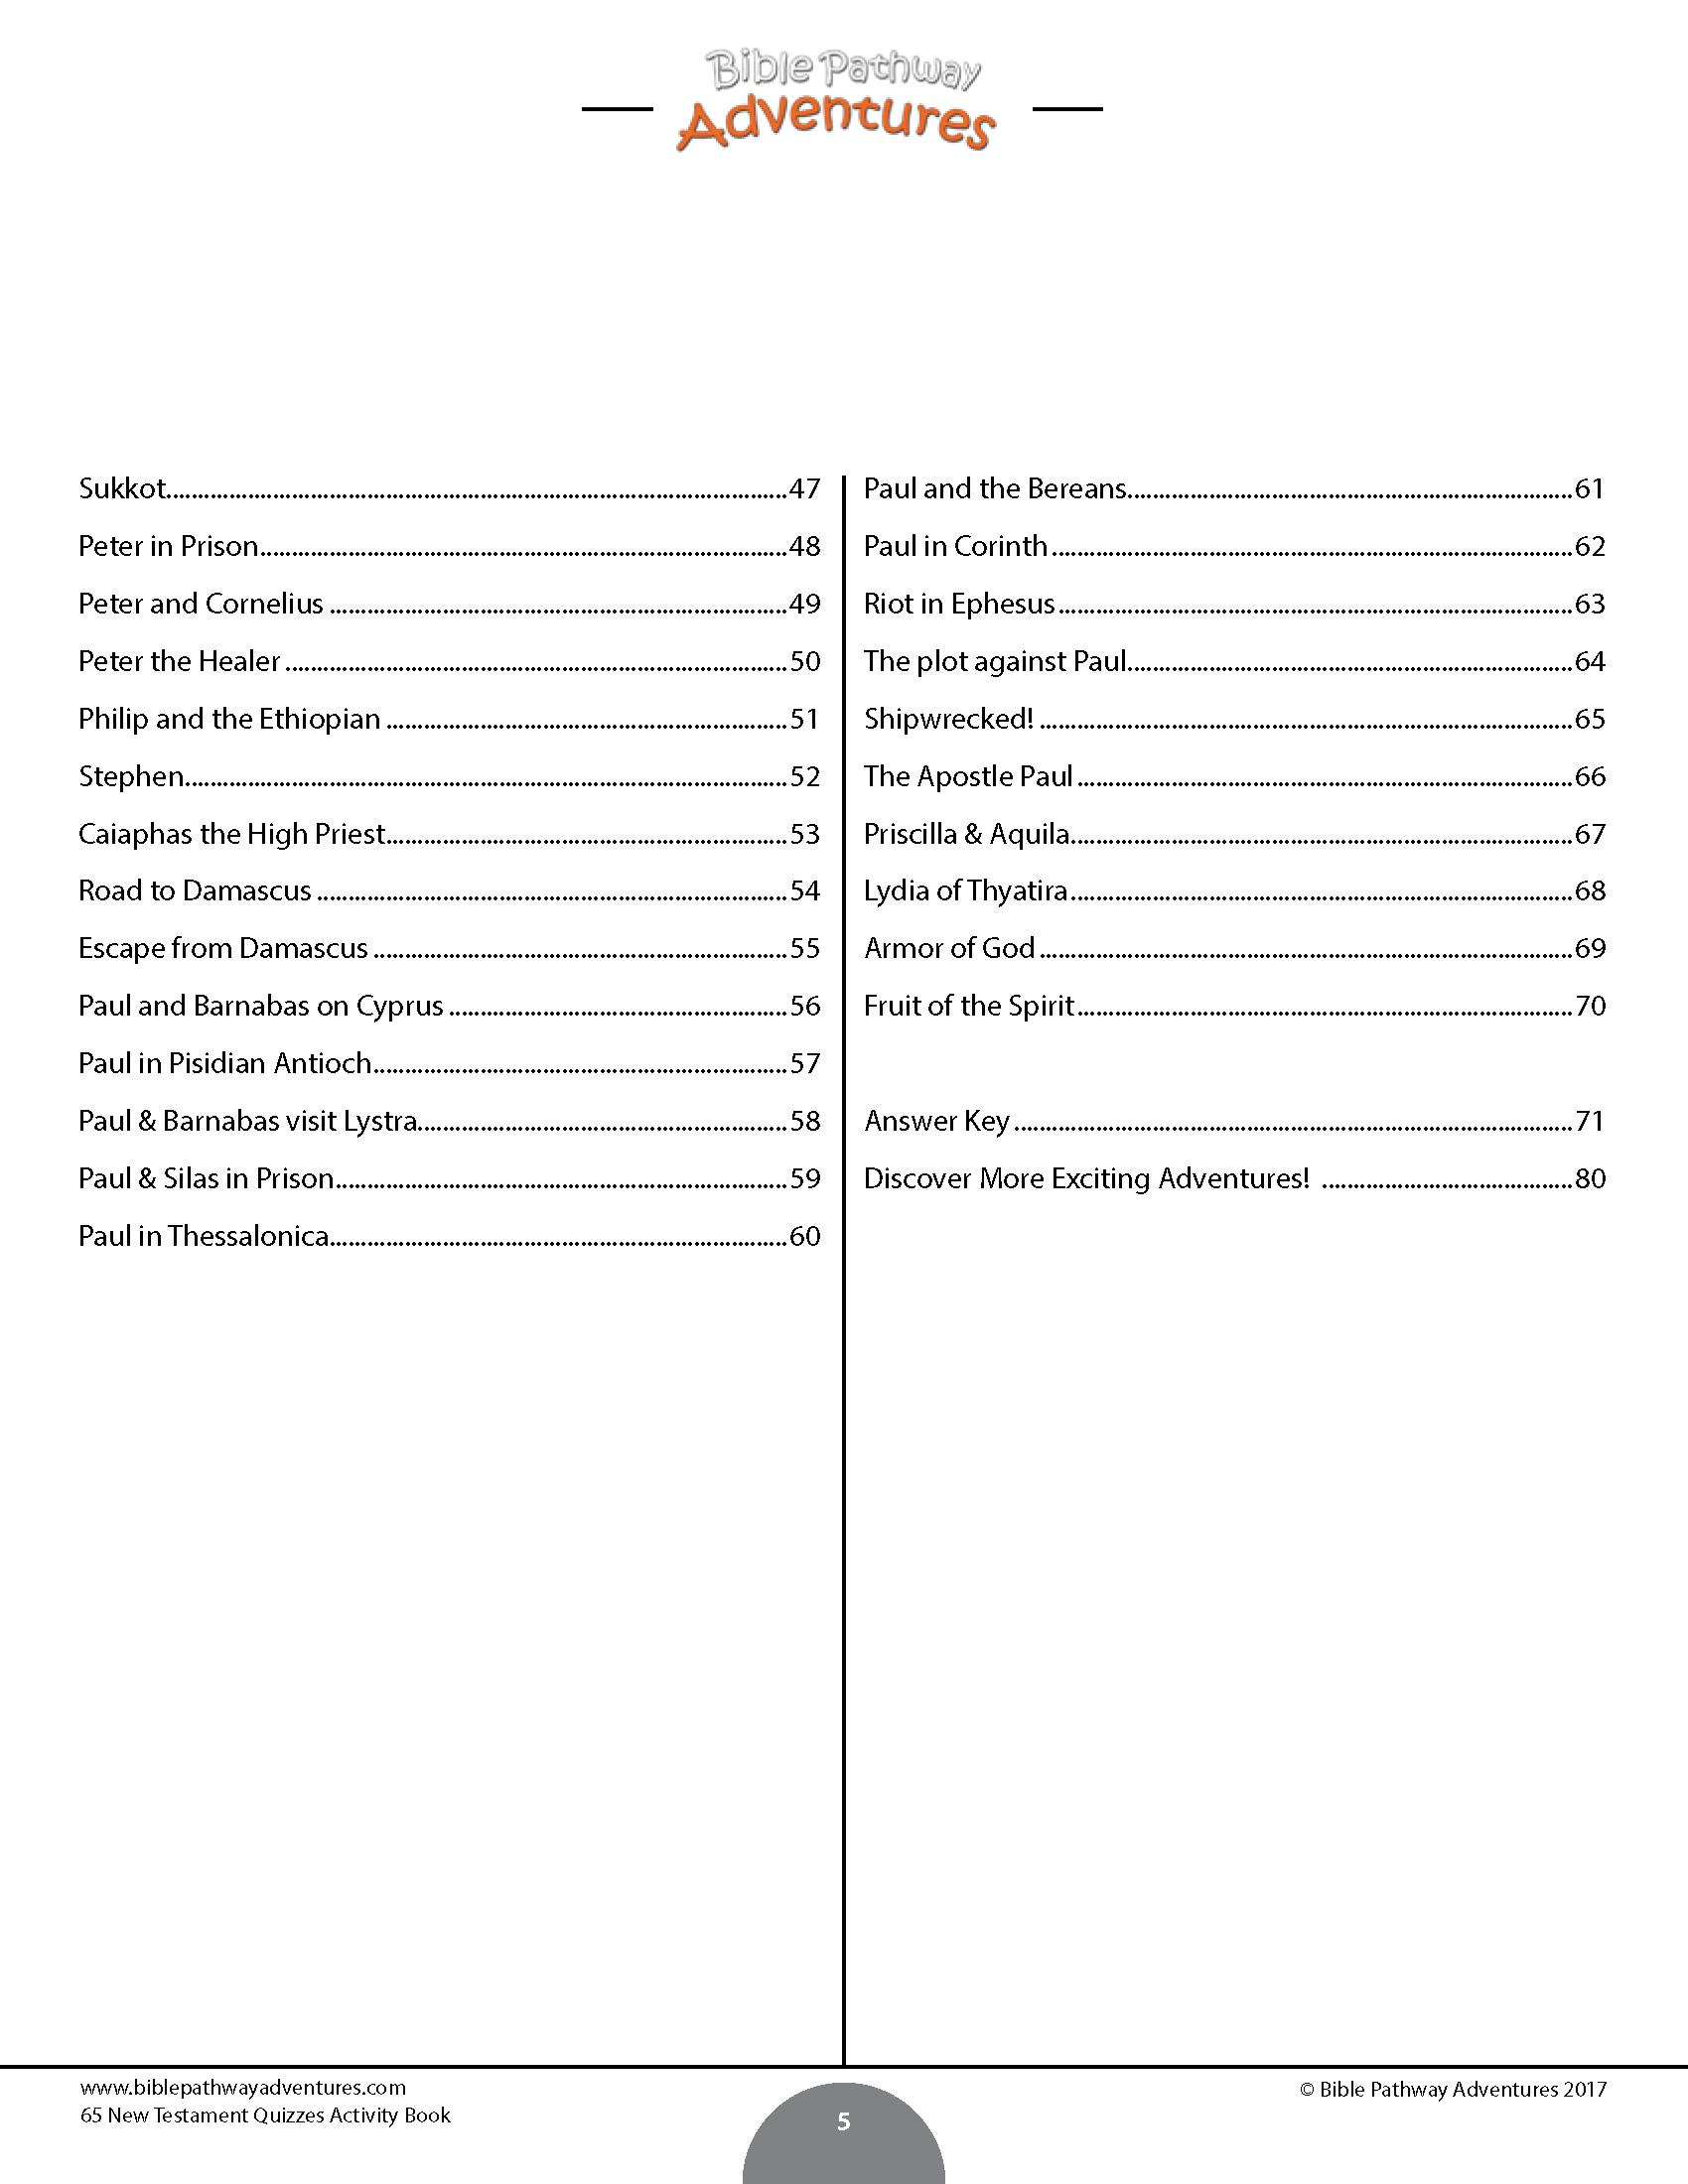 New Testament Quiz Book Bible Pathway Adventures